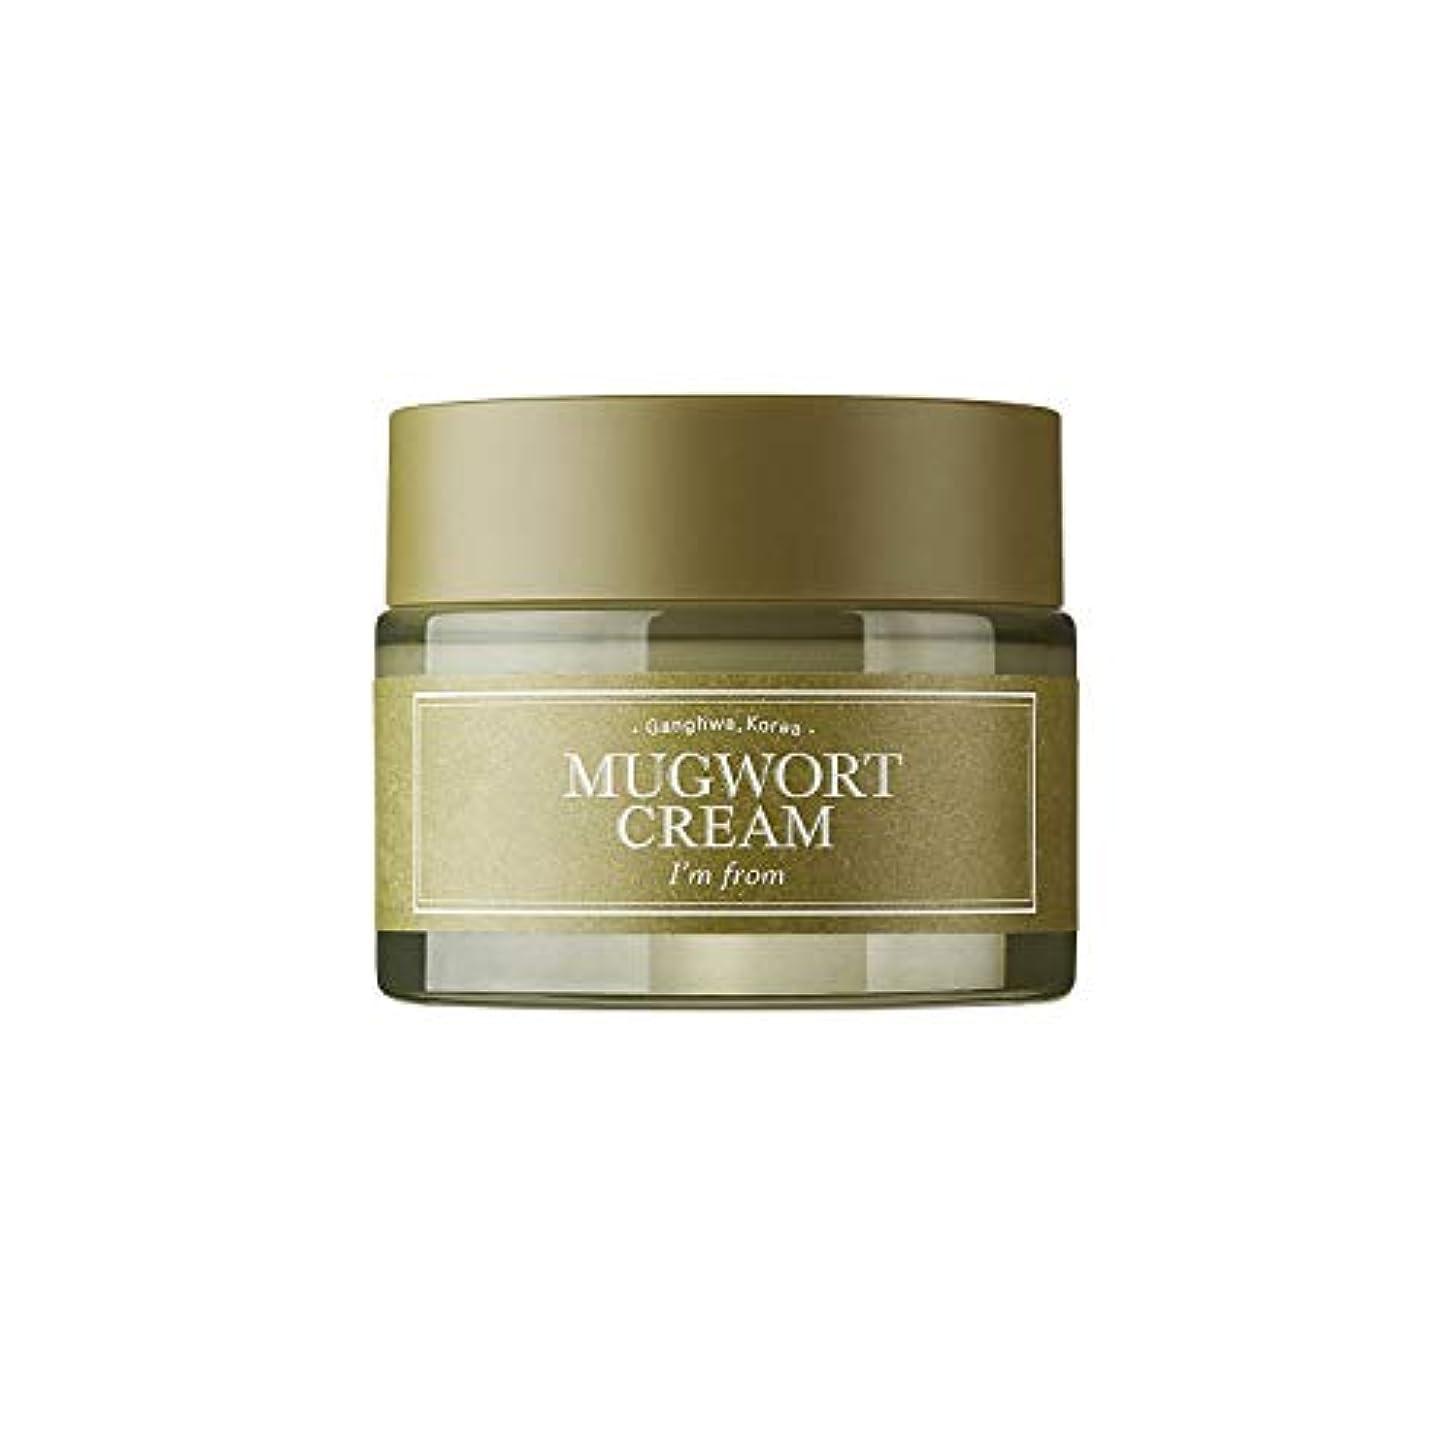 湿地ウィザード入場アイムフロム マグワートクリーム 50g 並行輸入品【 I'm from Mugwort Cream 】